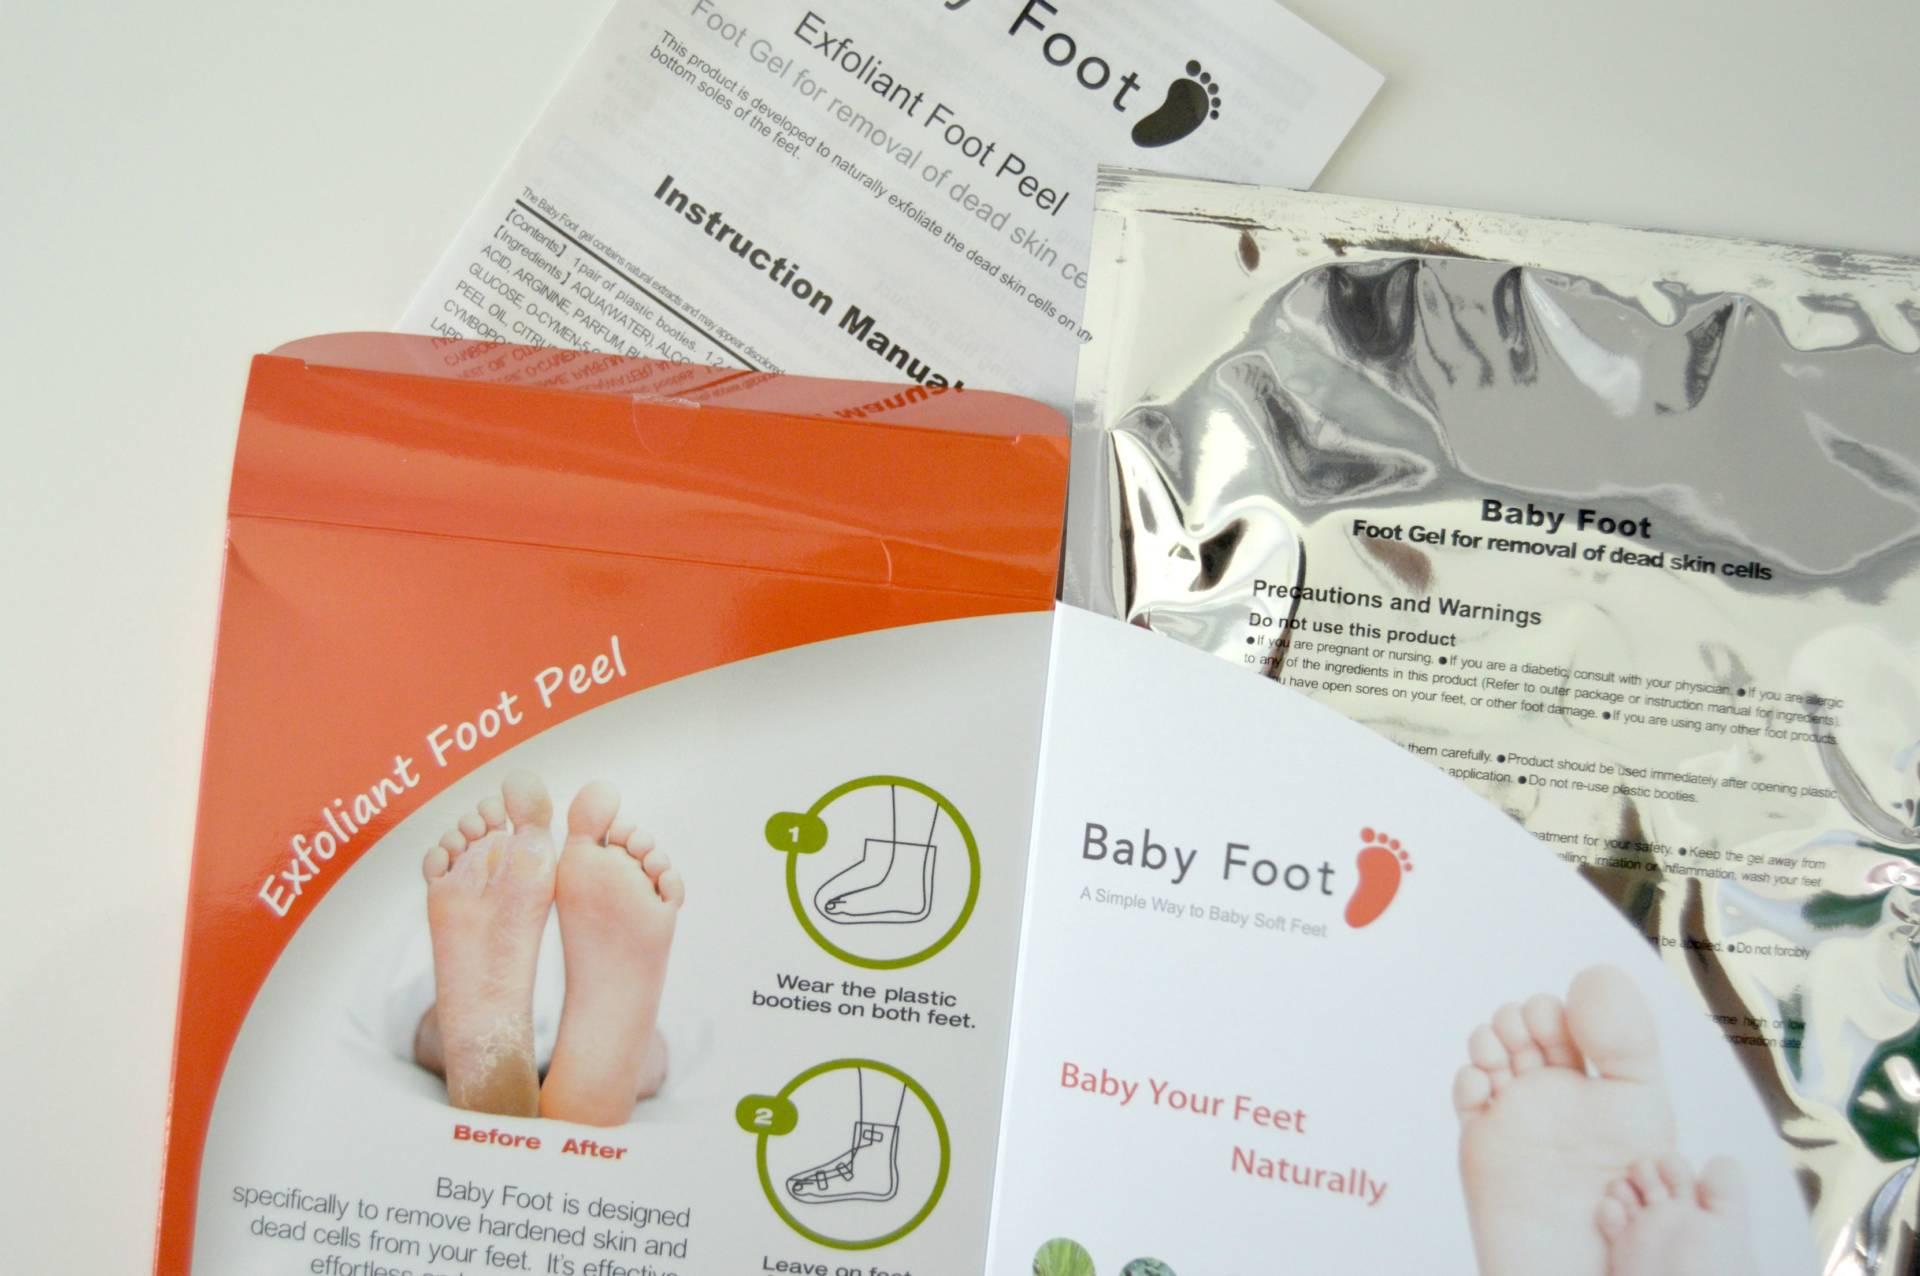 amazon beauty baby foot peel review inhautepursuit